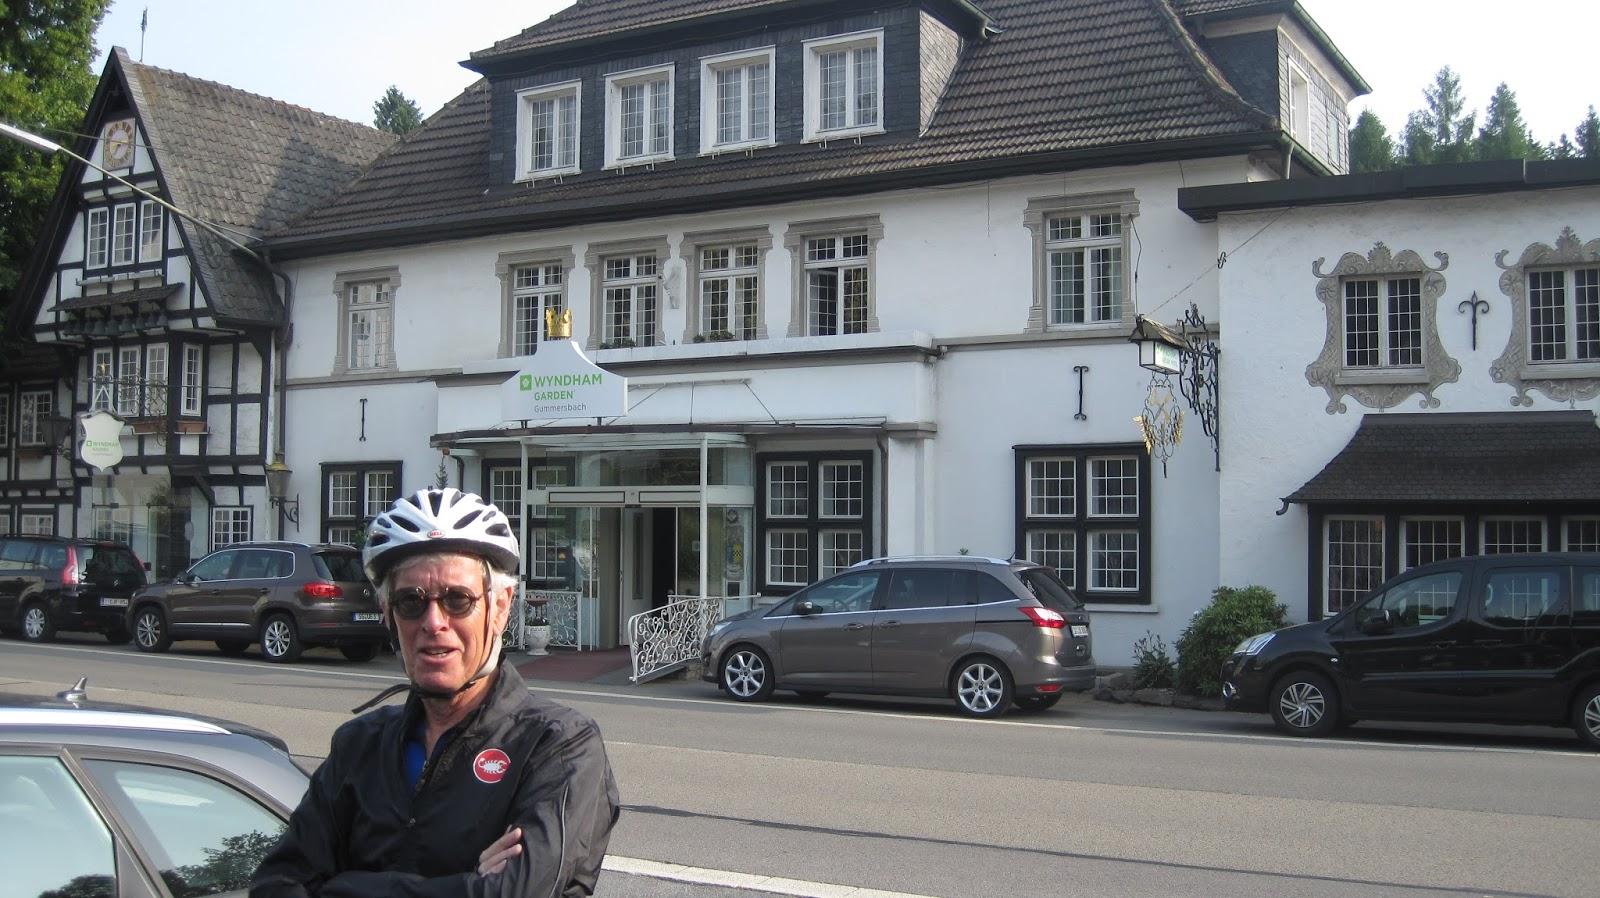 Fietsen 2013: Veldhoven - Praag: Etappe 3 (13 juli 2013 ...